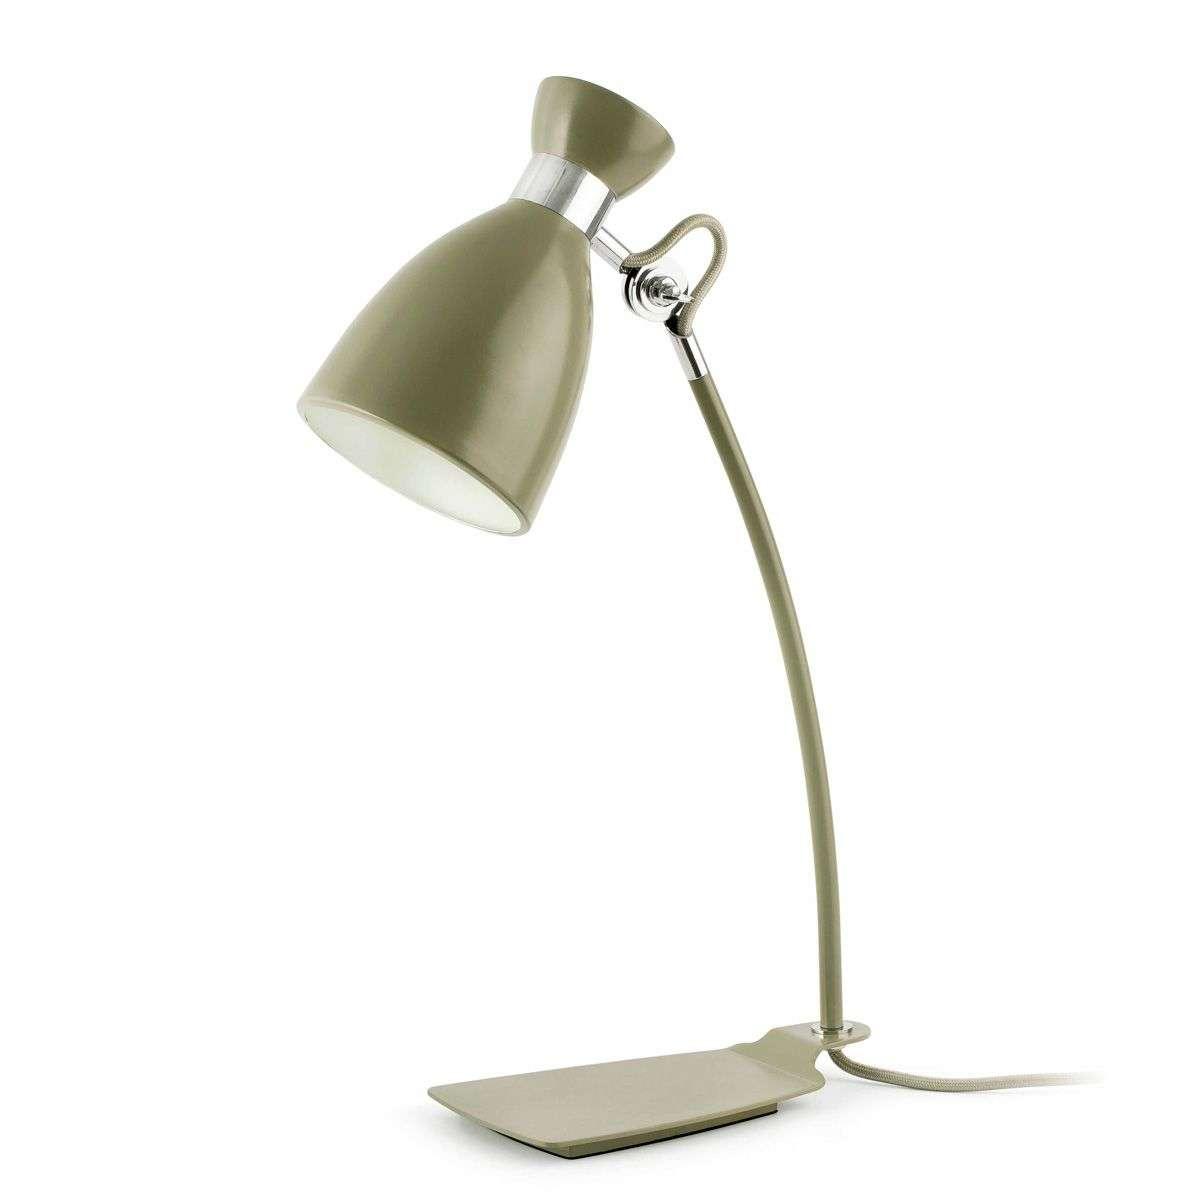 Olive Green Retro Desk Lamp 3507164 31